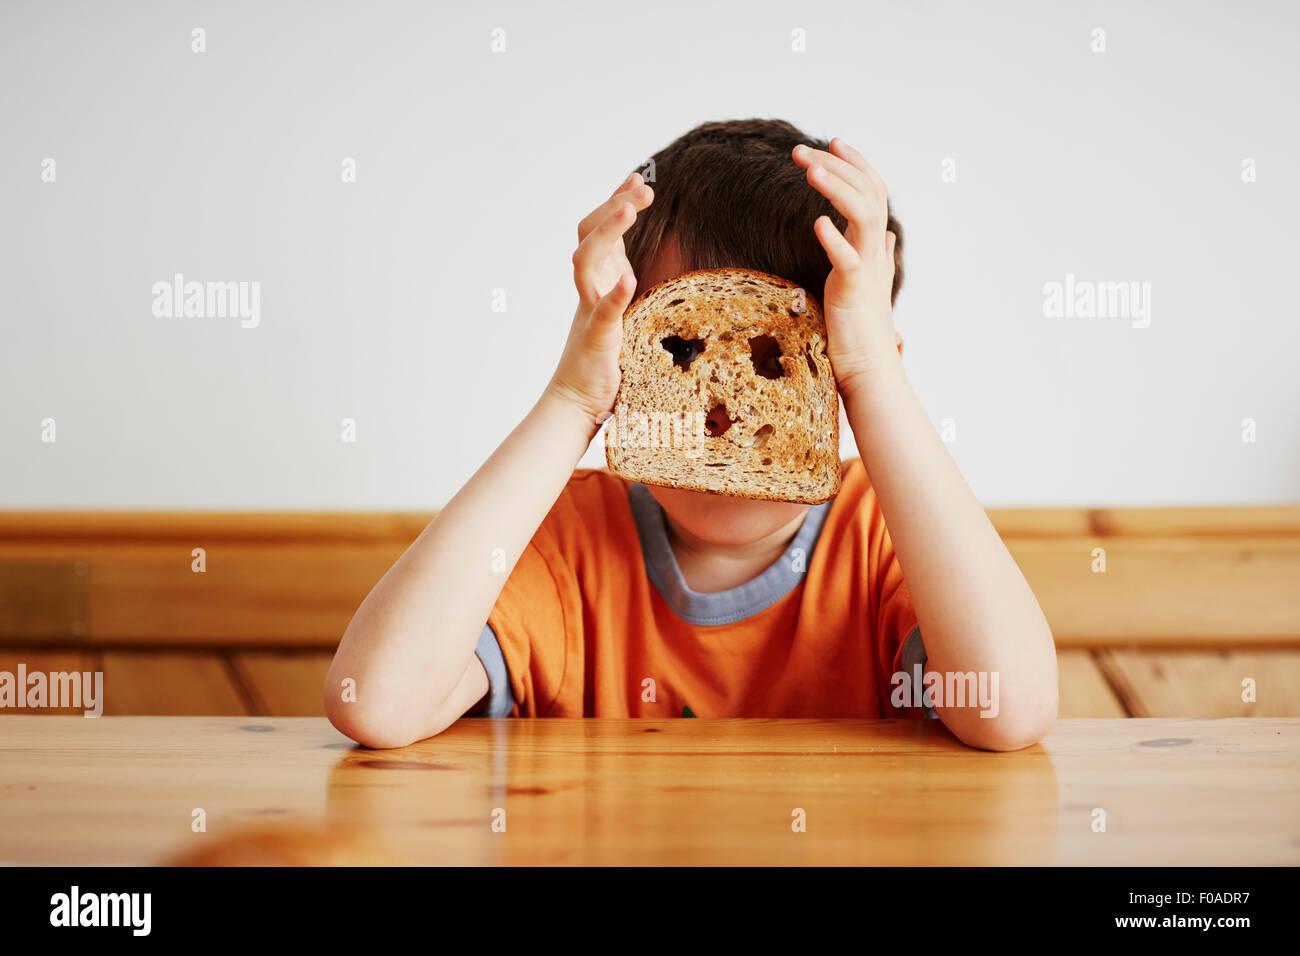 Kleiner Junge für Gesicht mit toast Stockbild